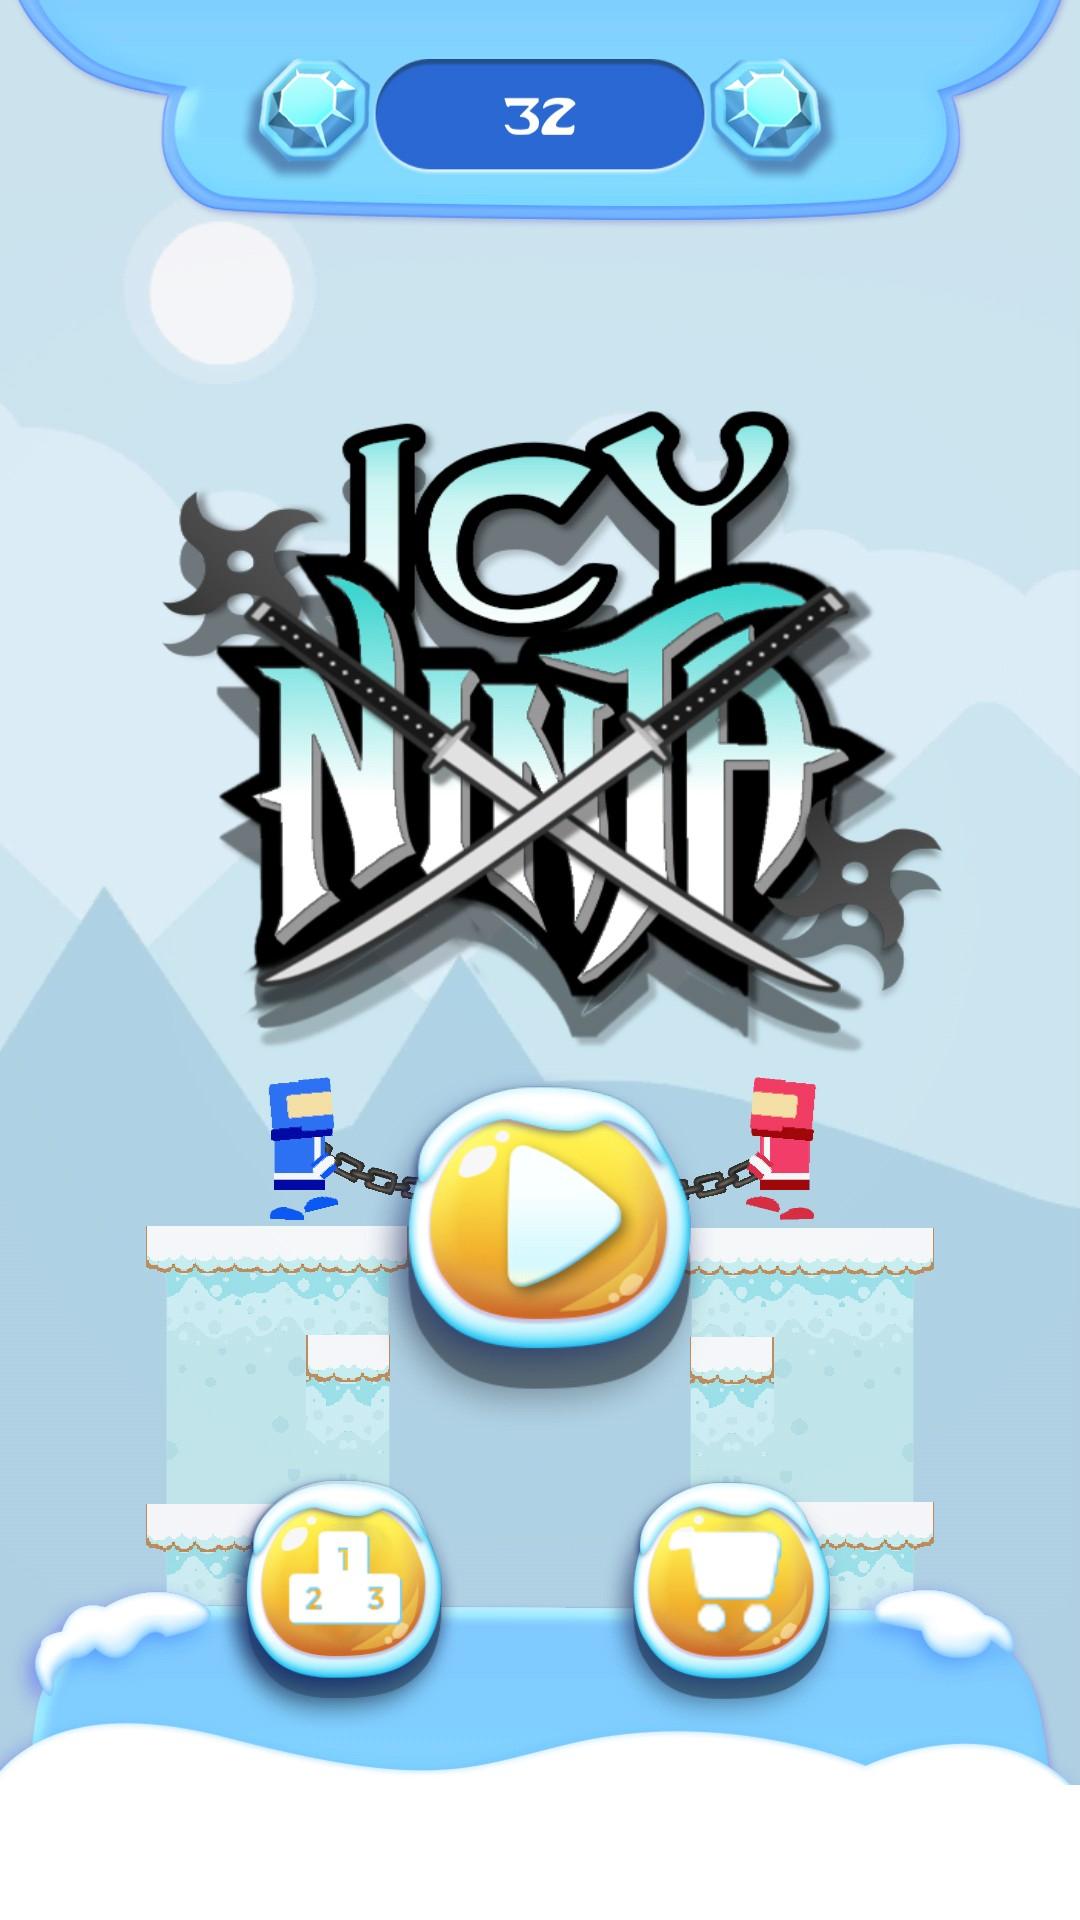 Icy Ninja